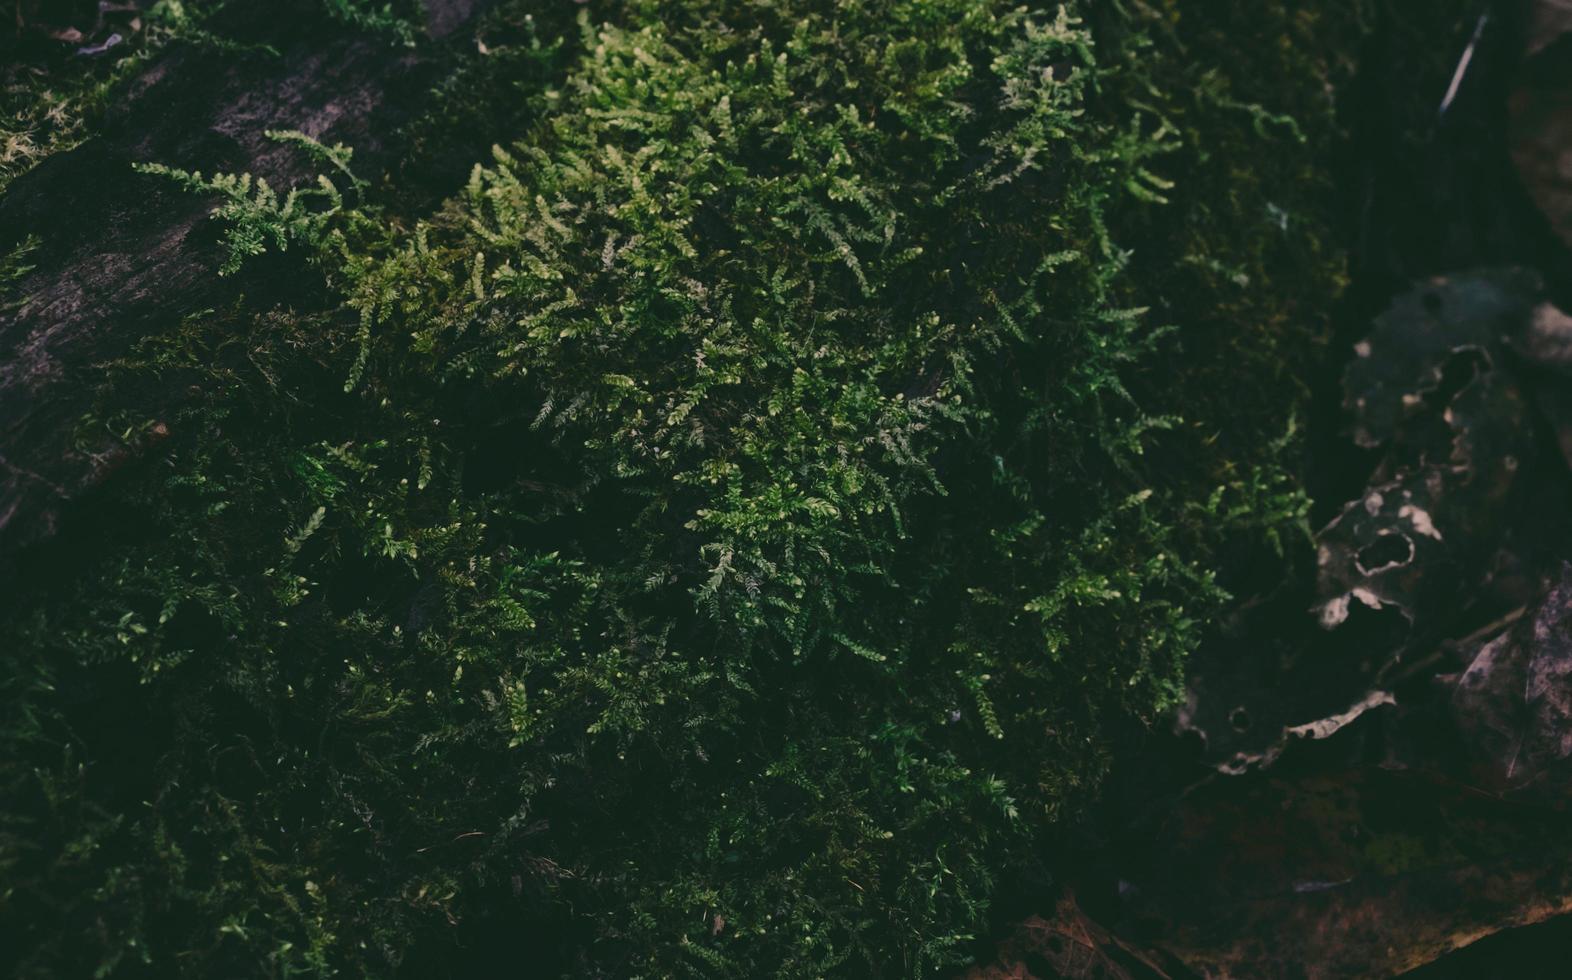 grön buske i skogen foto